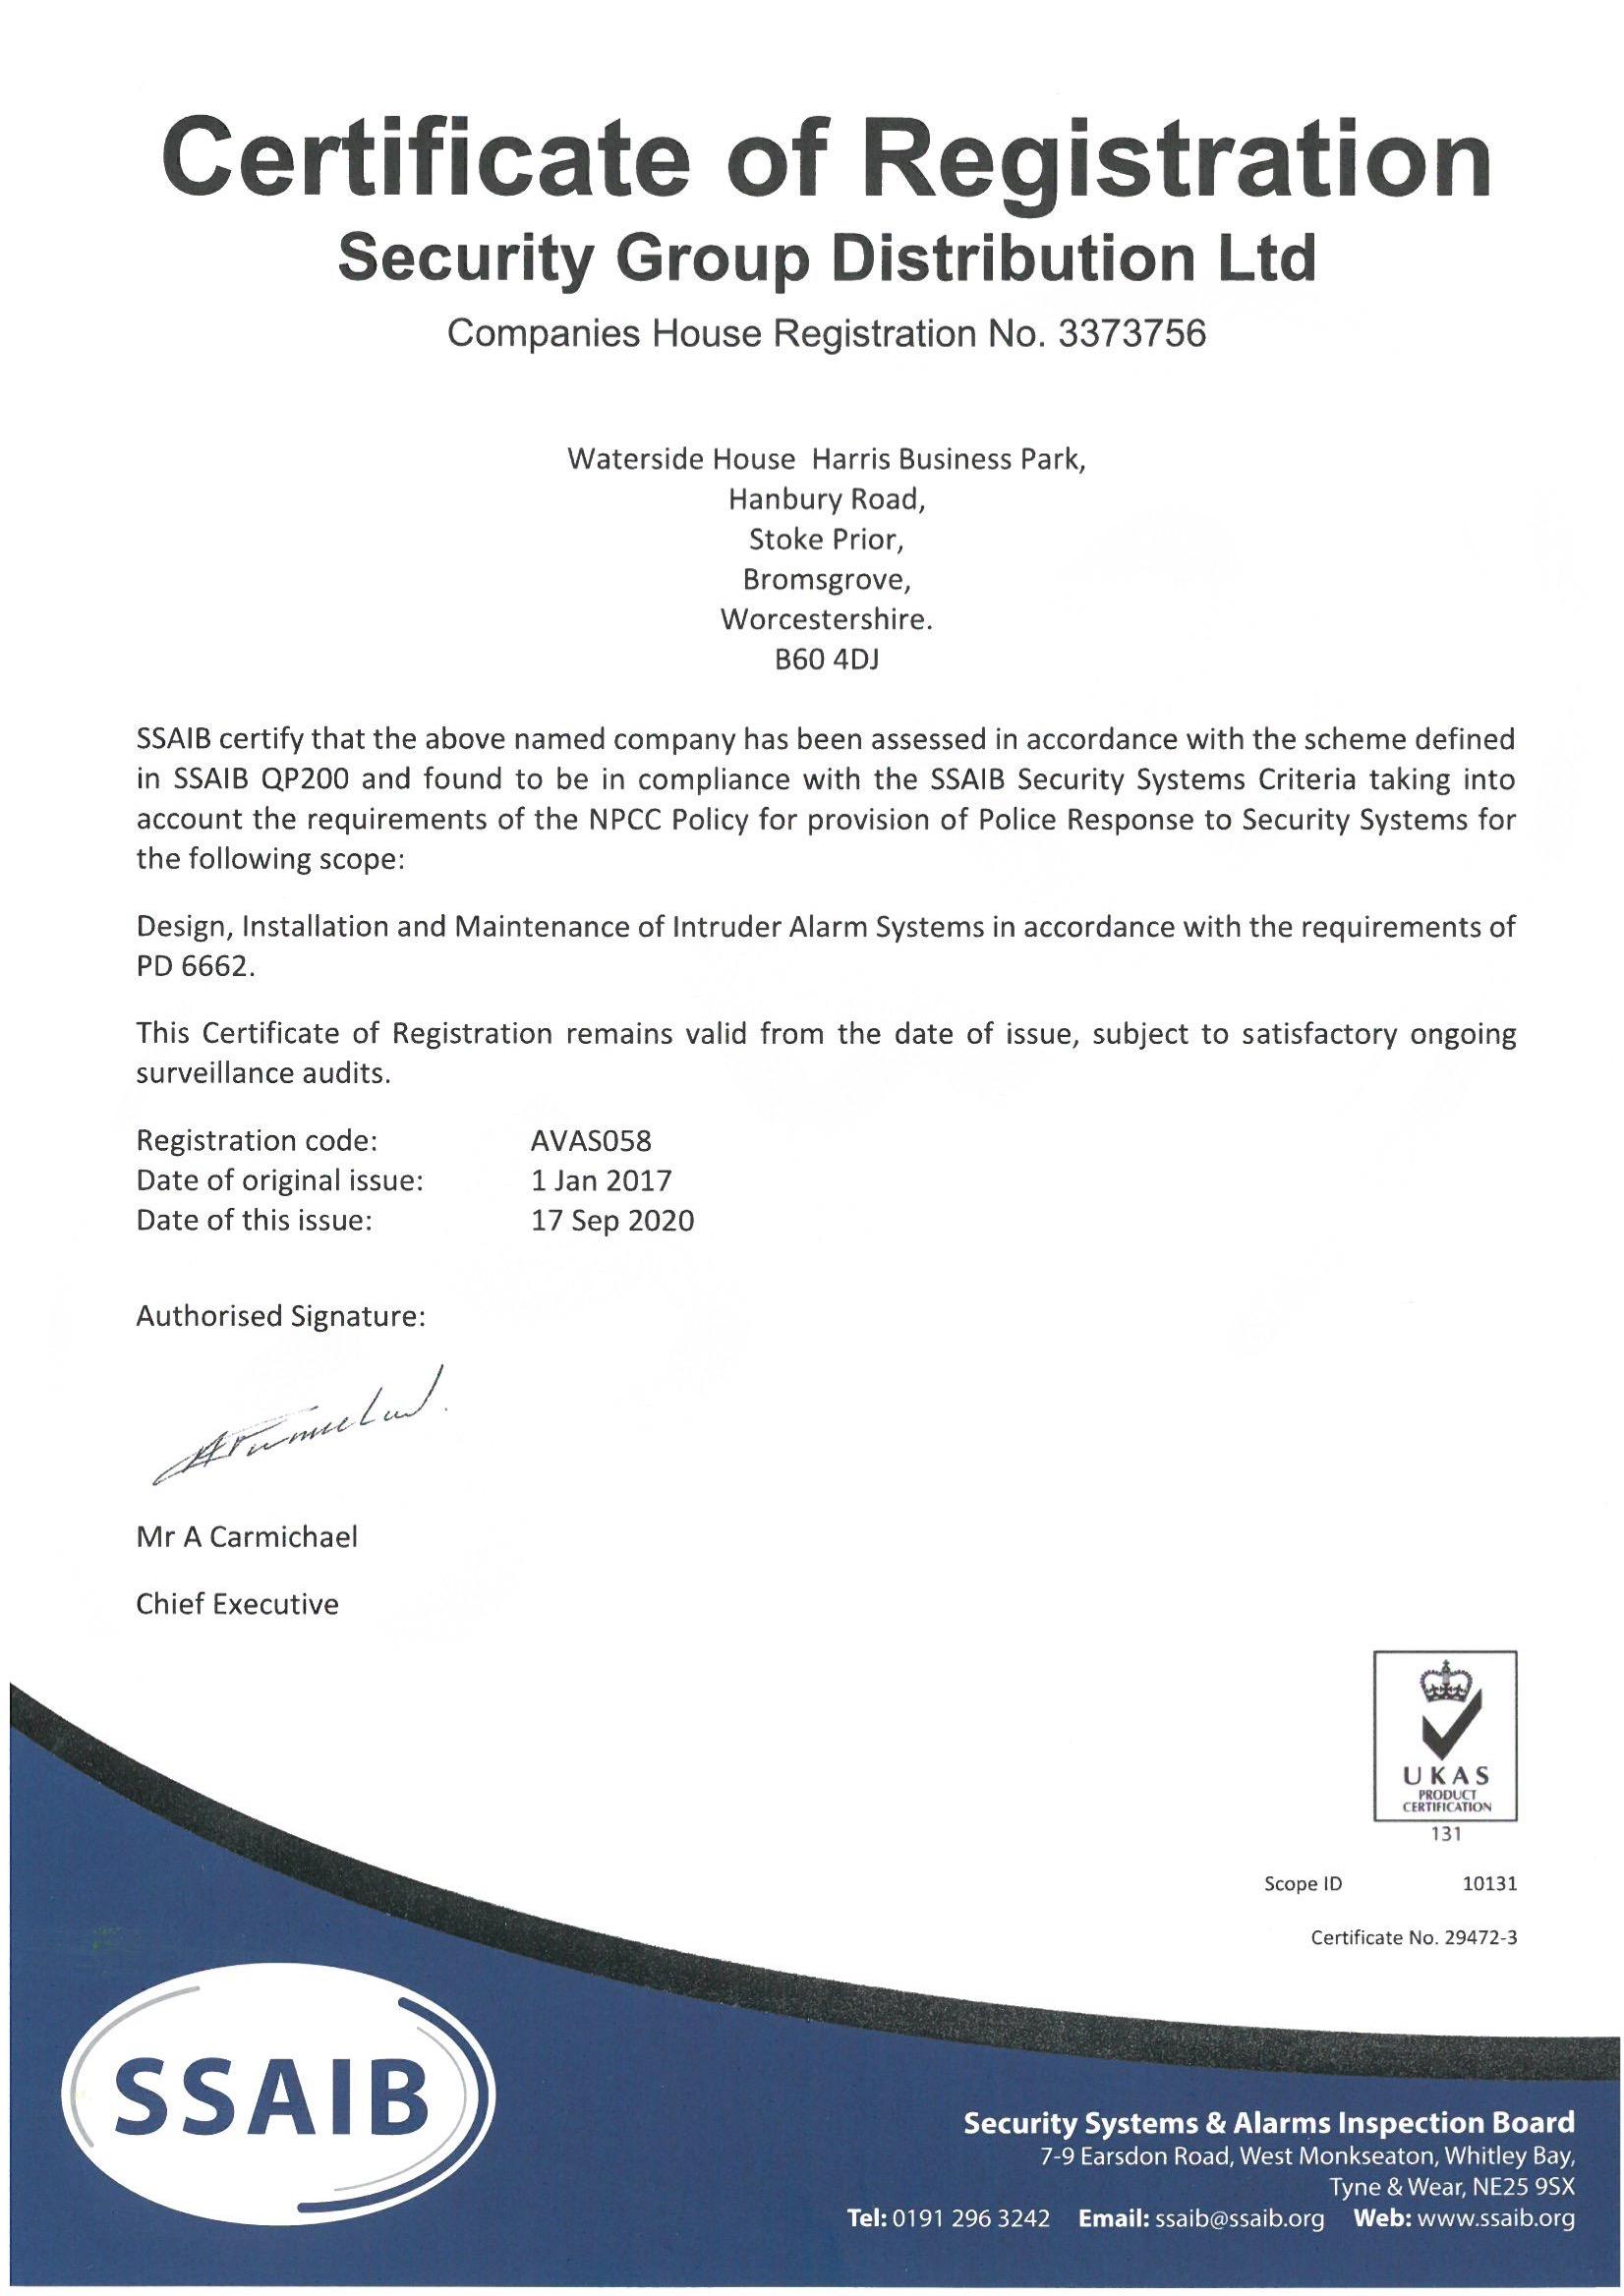 SSAIB QP200 PD 6662 Certificate No. 29472